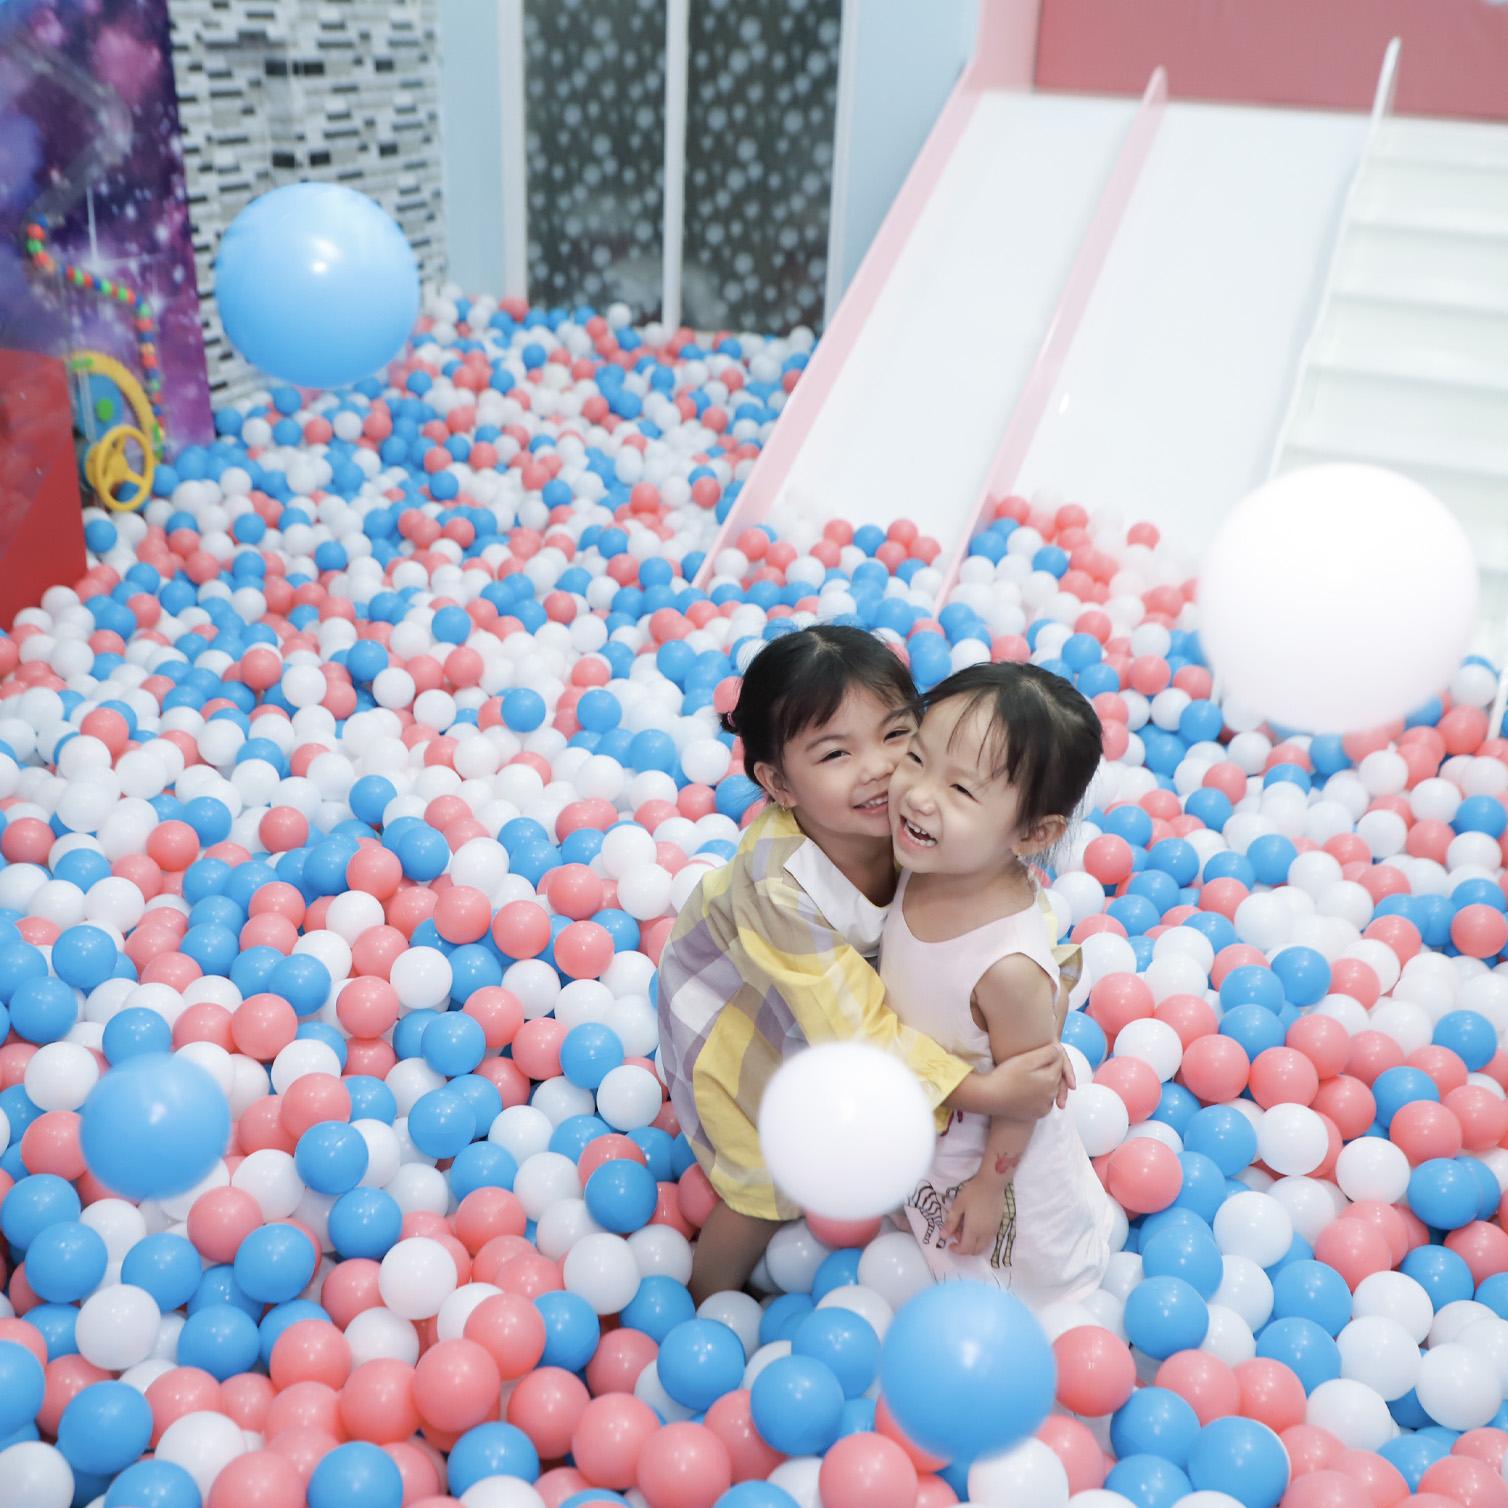 Hai bé gái đang chơi đùa trong bể bóng màu pastel